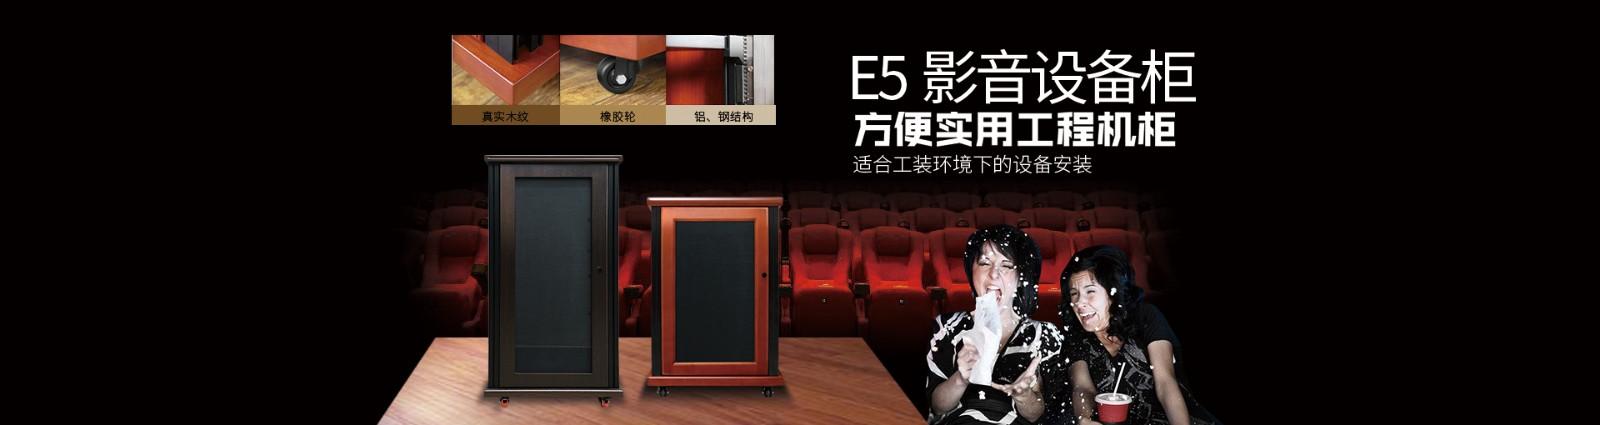 E-JOIN猛犸机柜E5-J880H专业影音设备柜网络服务器机柜工程机柜实木板材可定制 索菲亚红 870*600*600mm